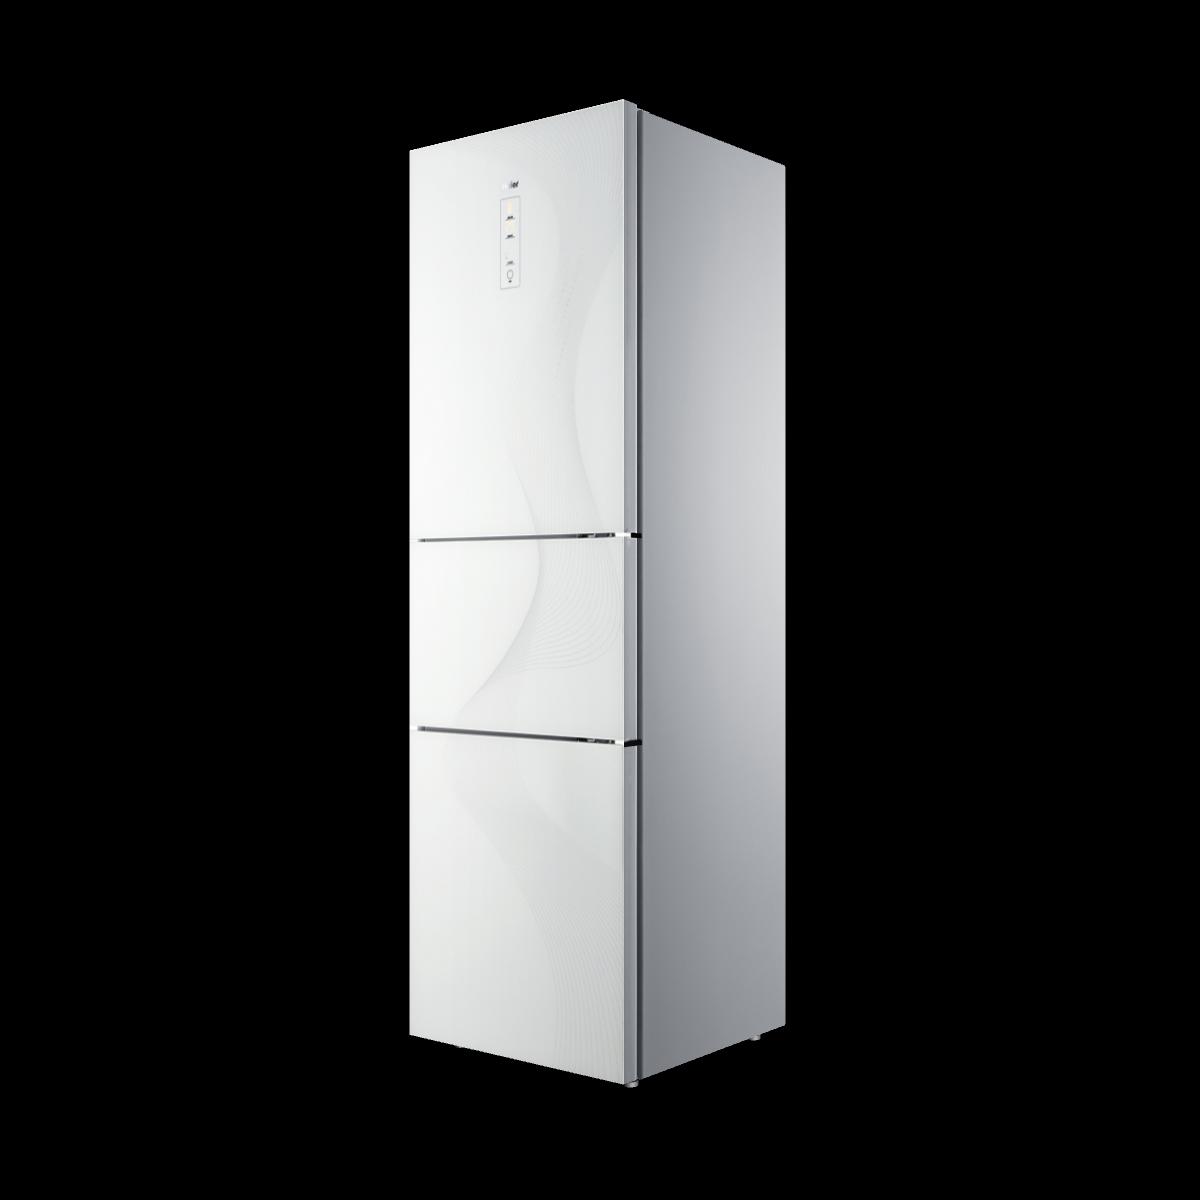 常见冰箱除臭剂种类有哪些?